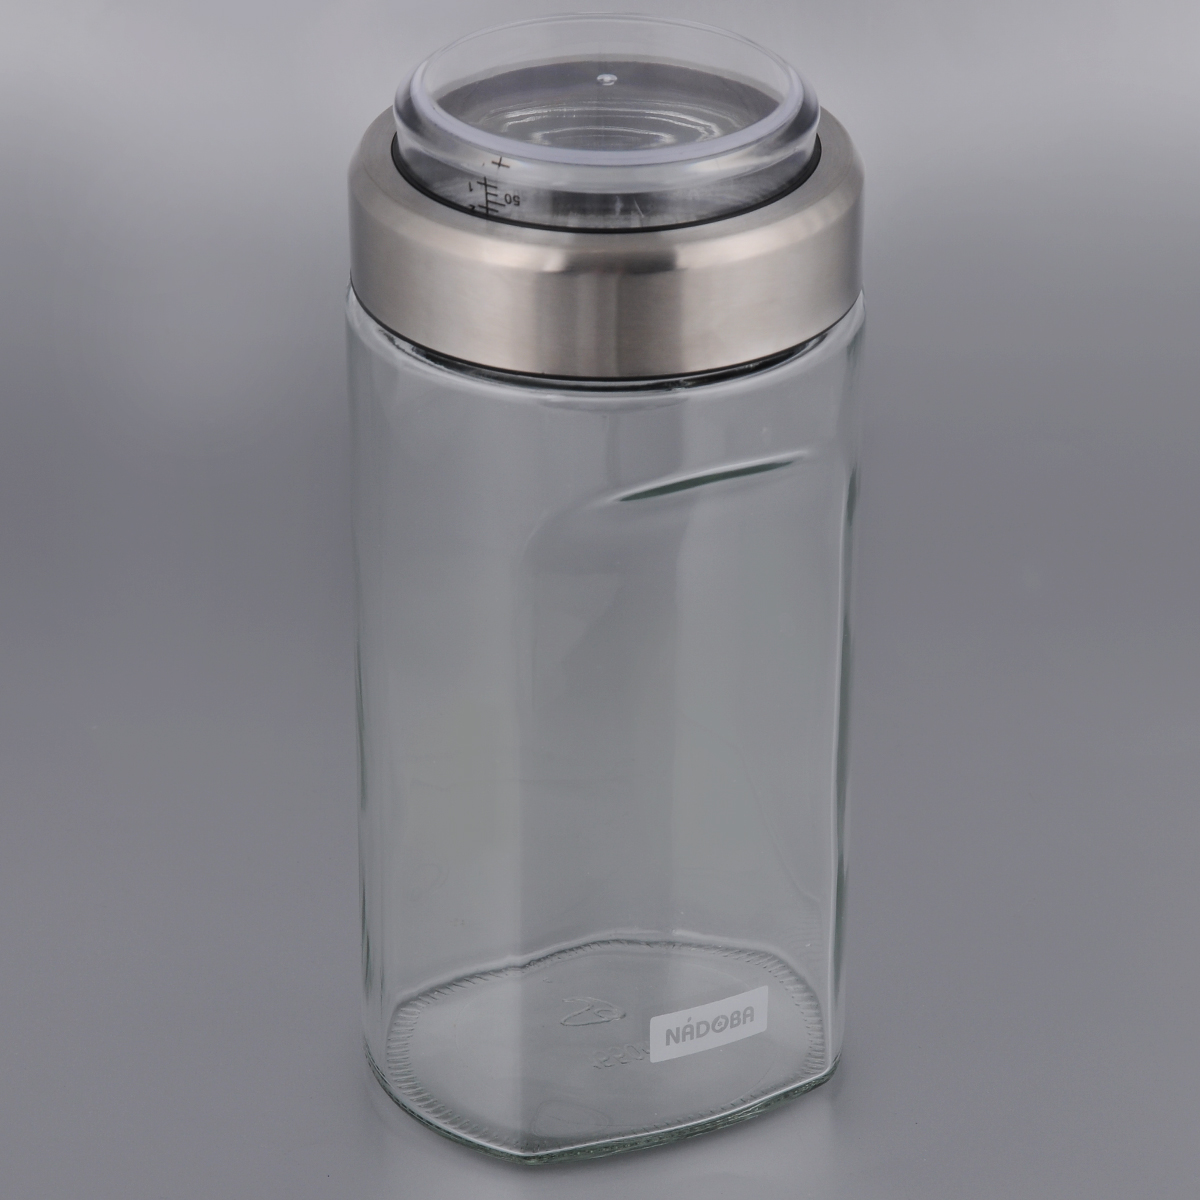 Емкость для сыпучих продуктов Nadoba Petra, с мерным стаканом, 1,15 л емкость для сыпучих продуктов с мерным стаканом nadoba otina